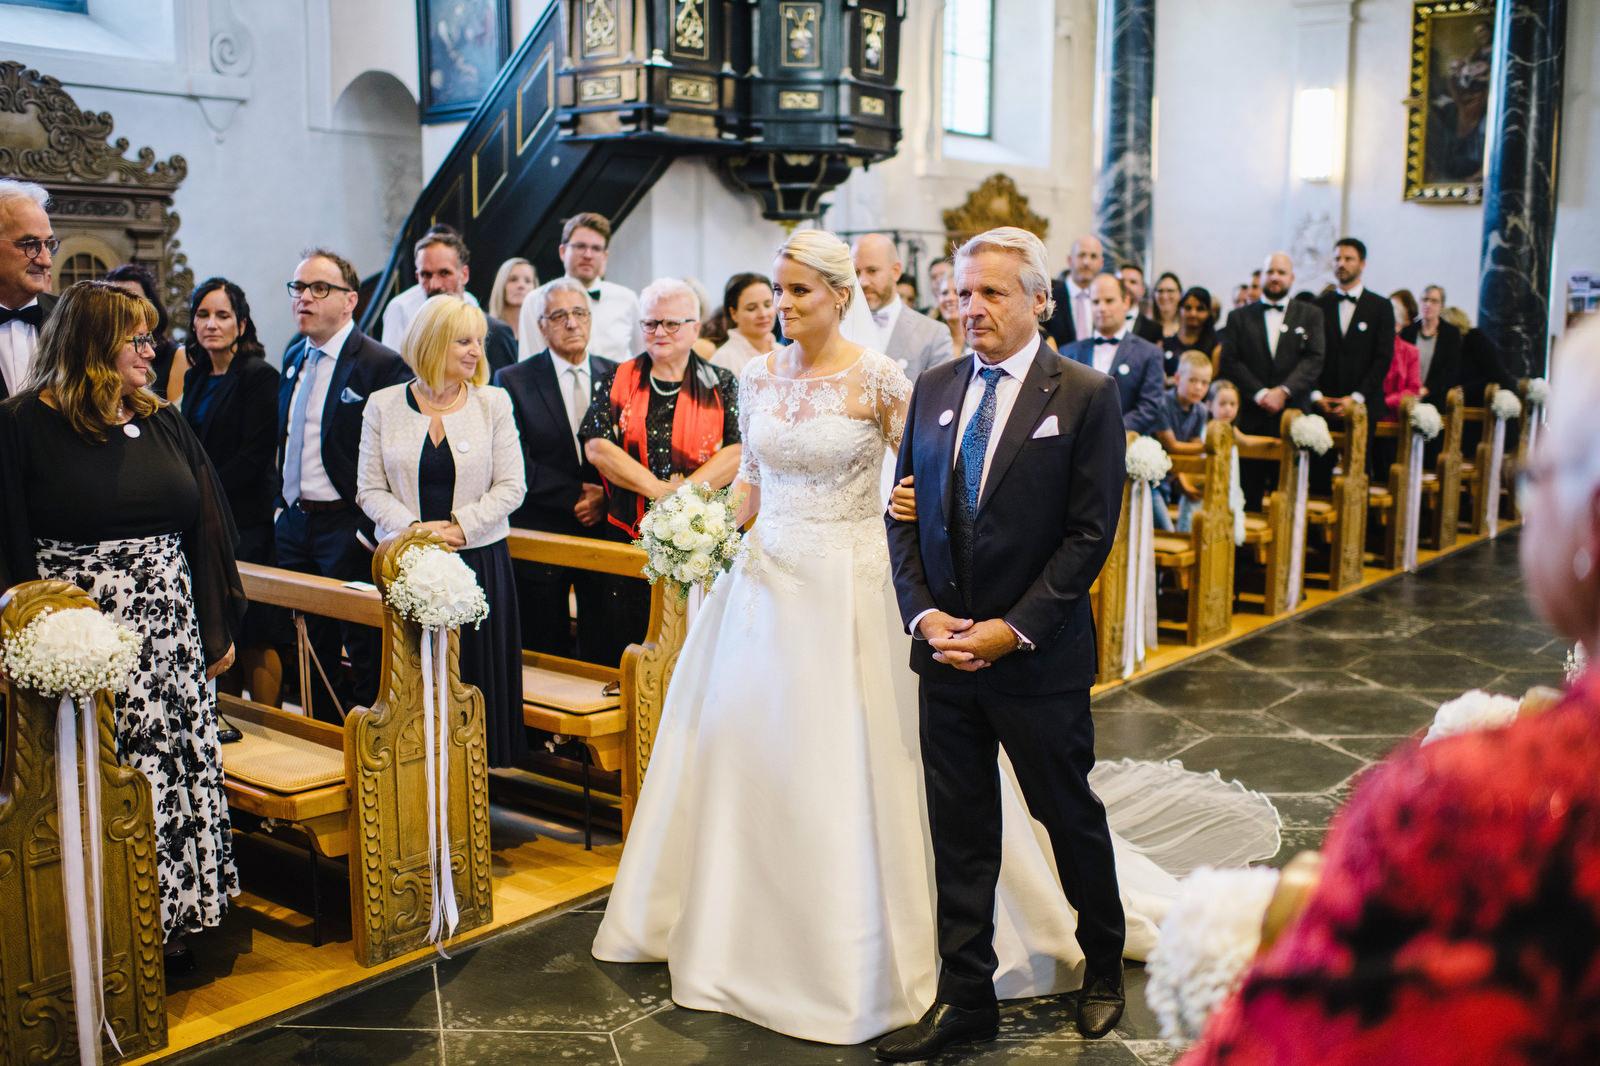 Fotograf Konstanz - Luxus Hochzeit Fotograf Grand Resort Bad Ragaz Schweiz Lichtenstein 054 - Destination wedding at the Grand Resort Bad Ragaz, Swiss  - 141 -